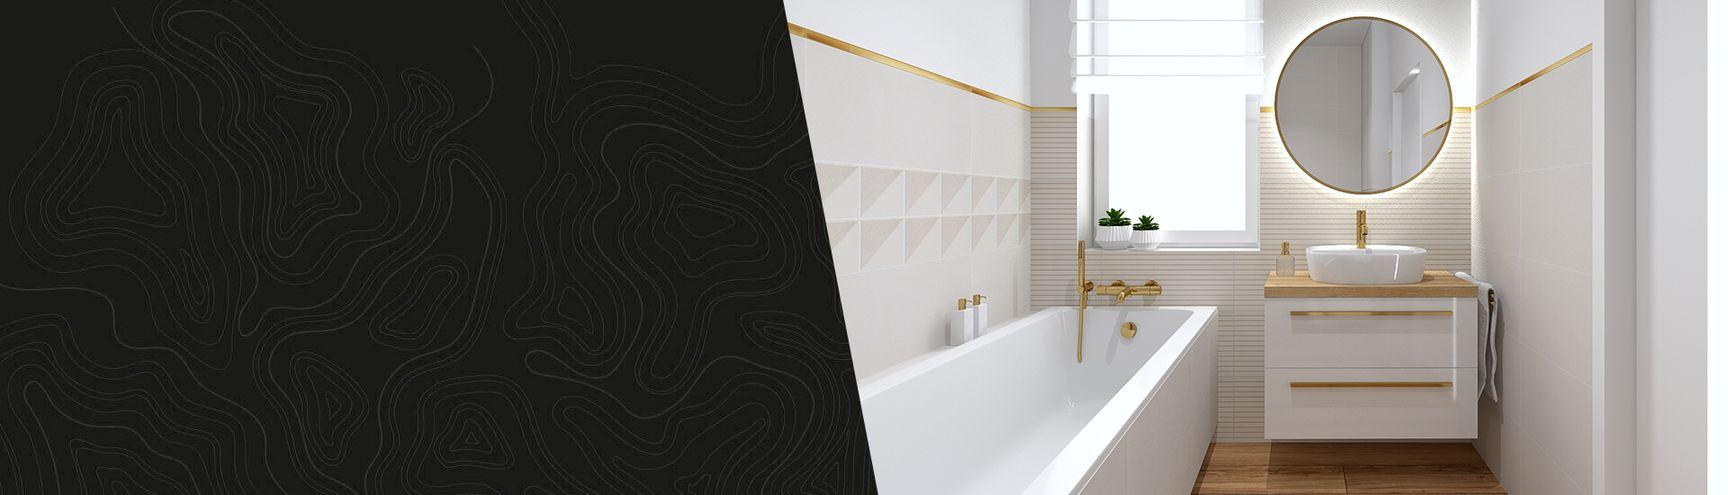 Zamów projekt łazienki